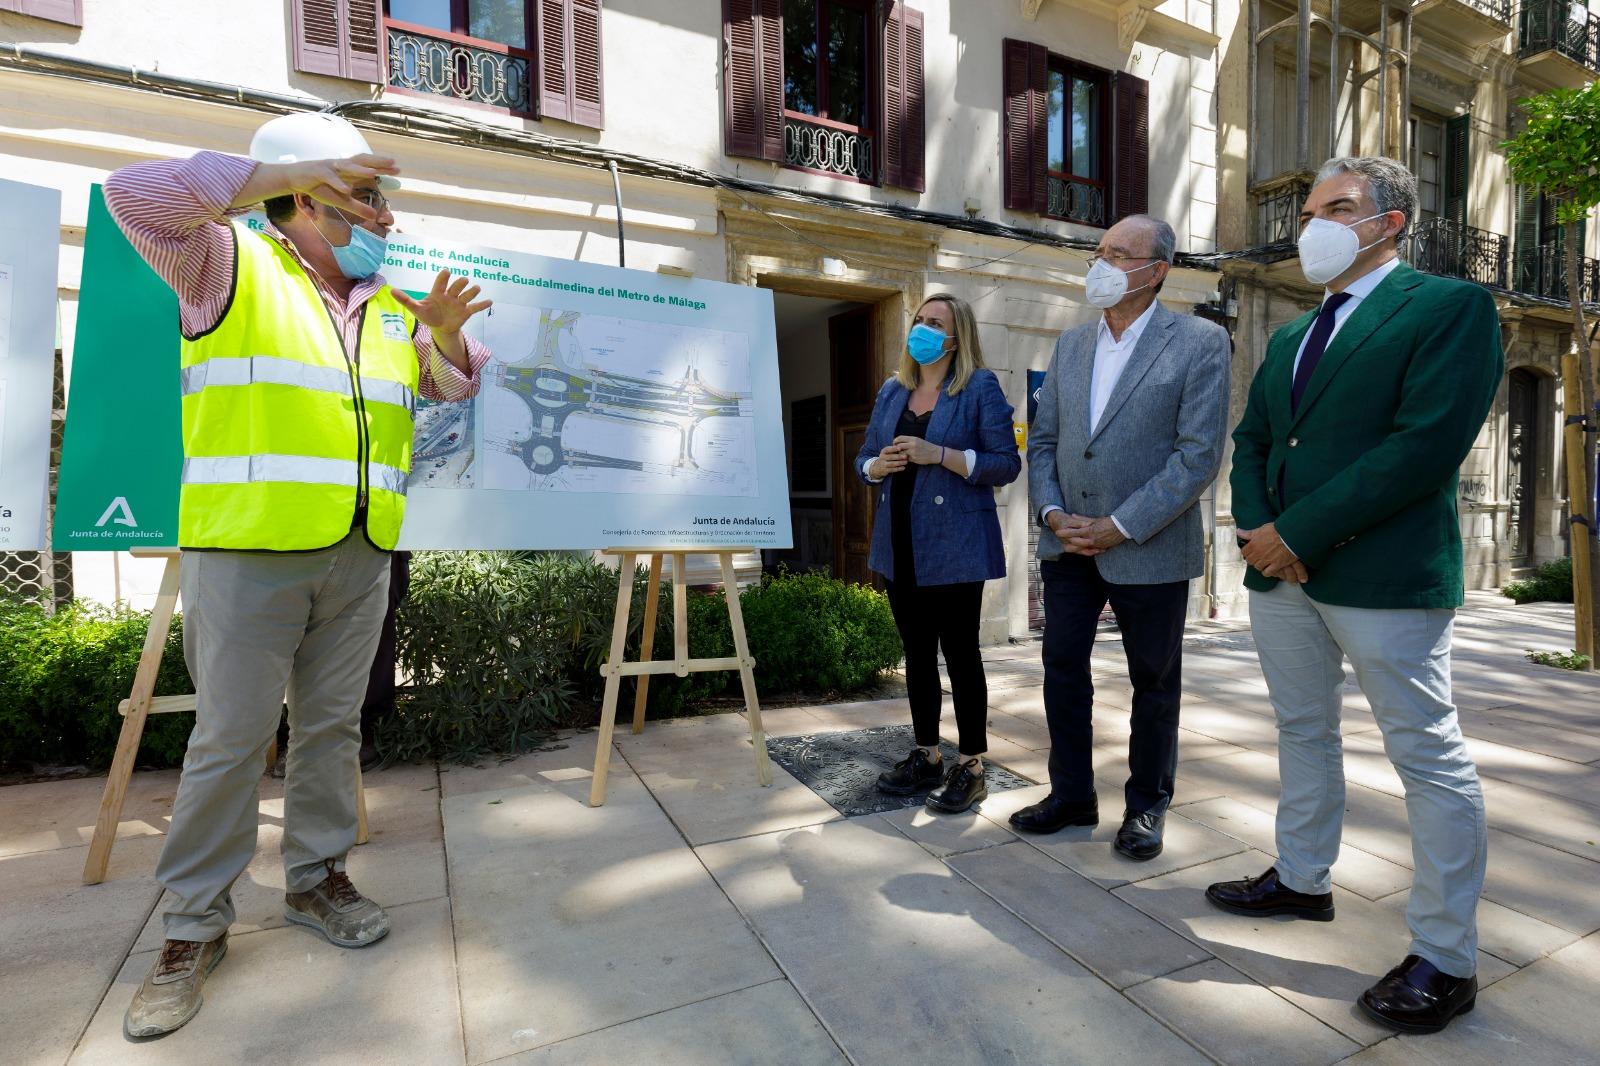 La consejera marifrán Carazo visita las obras del metro de Málaga.